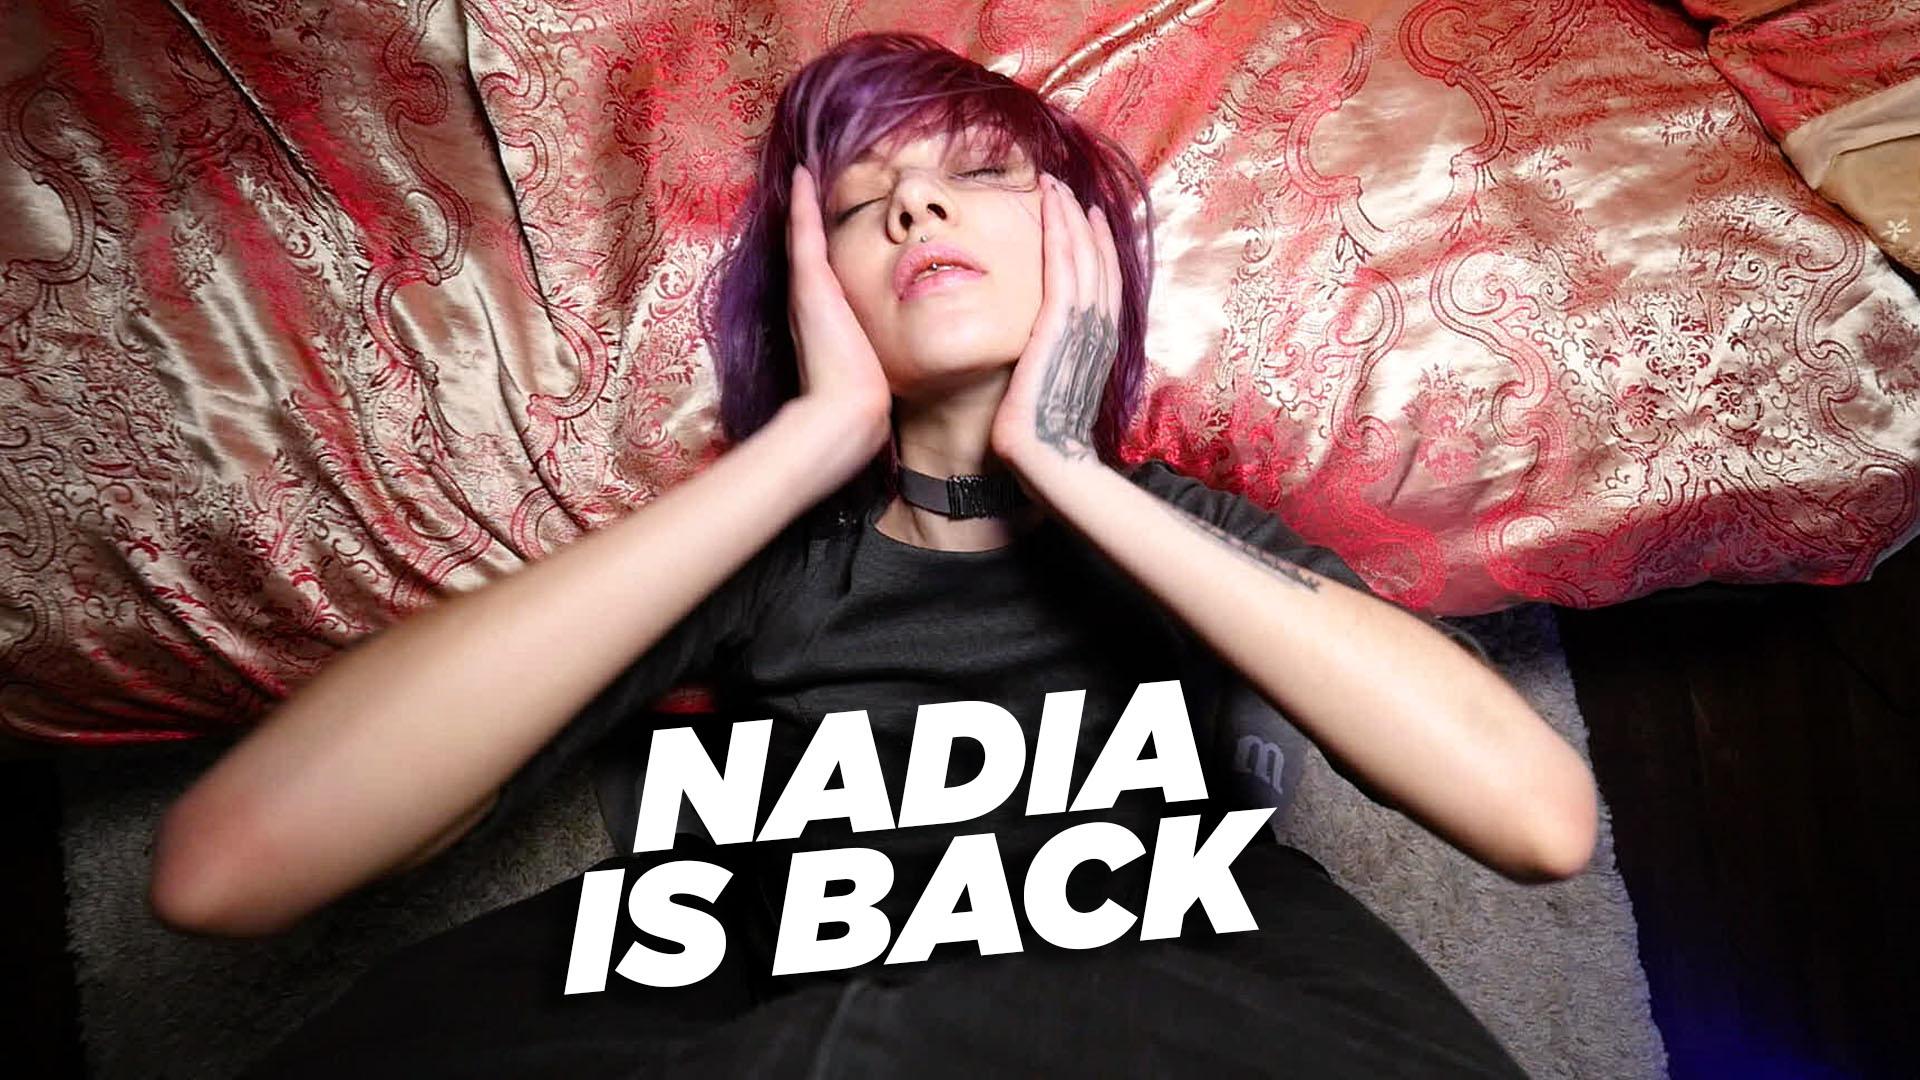 Nadya is back! - SWEETYX